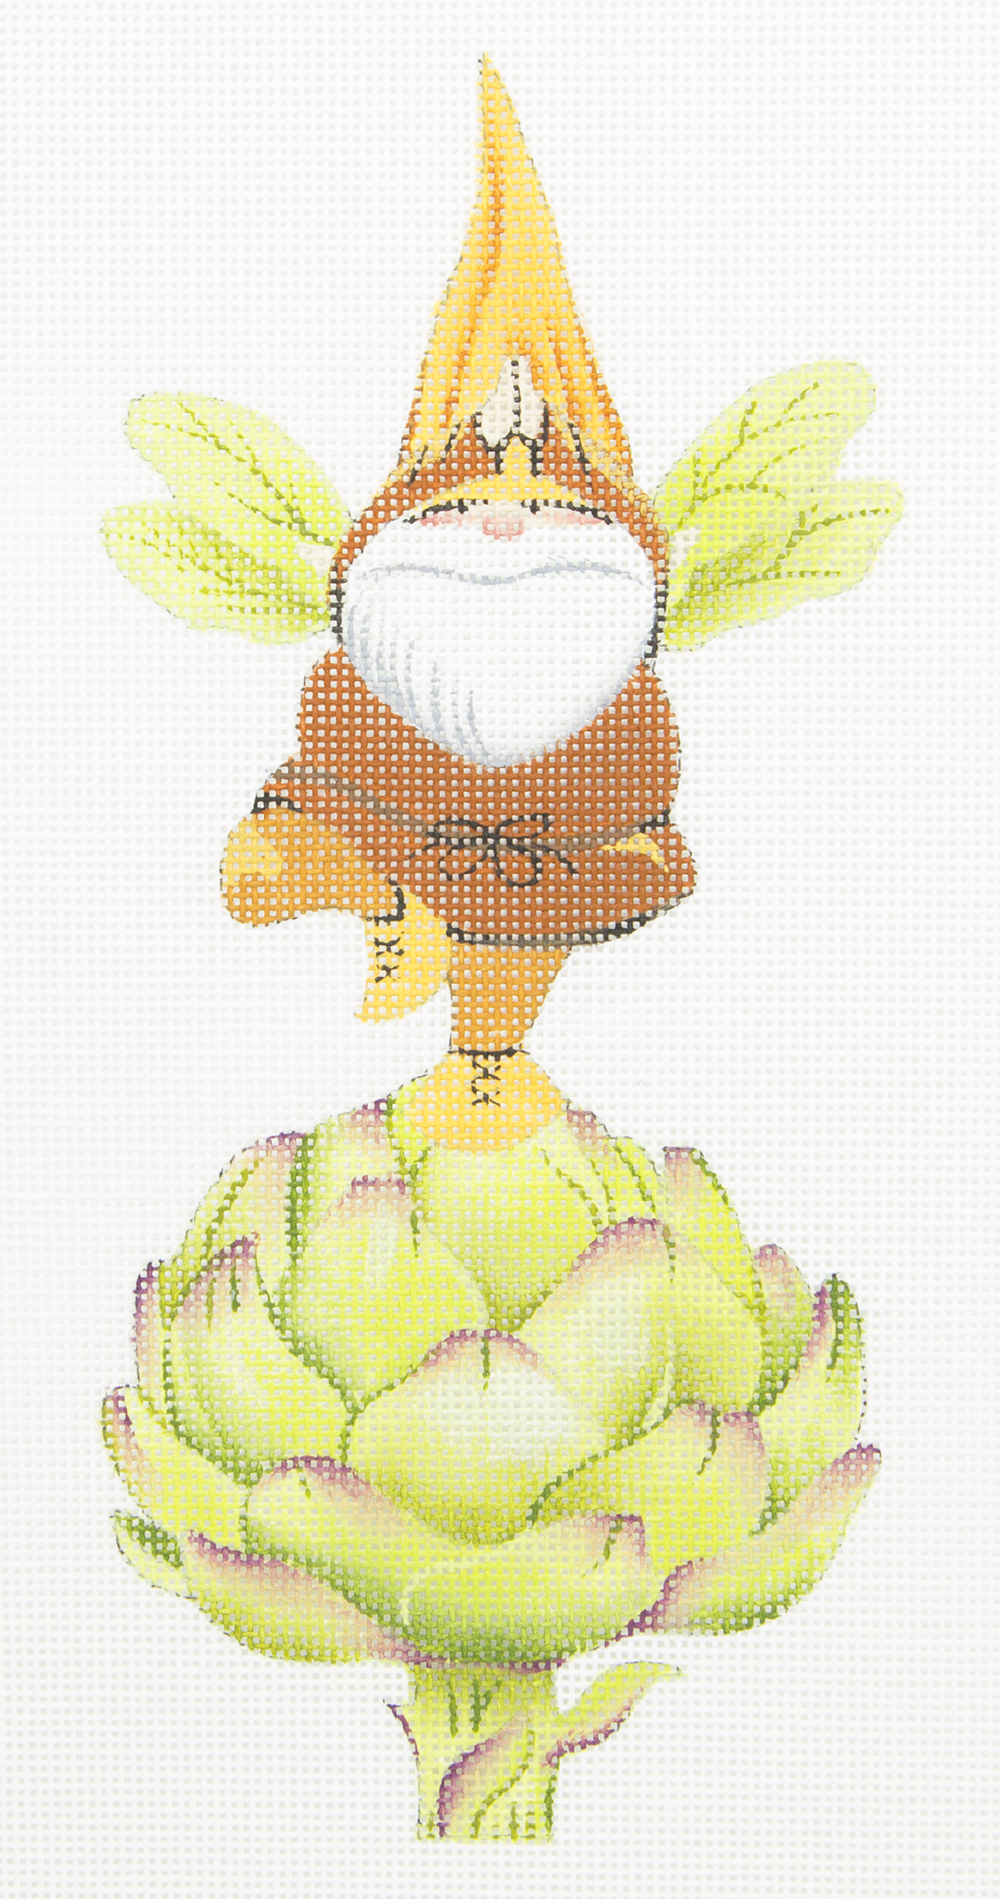 GA20 Gnome on Artichoke Love You More